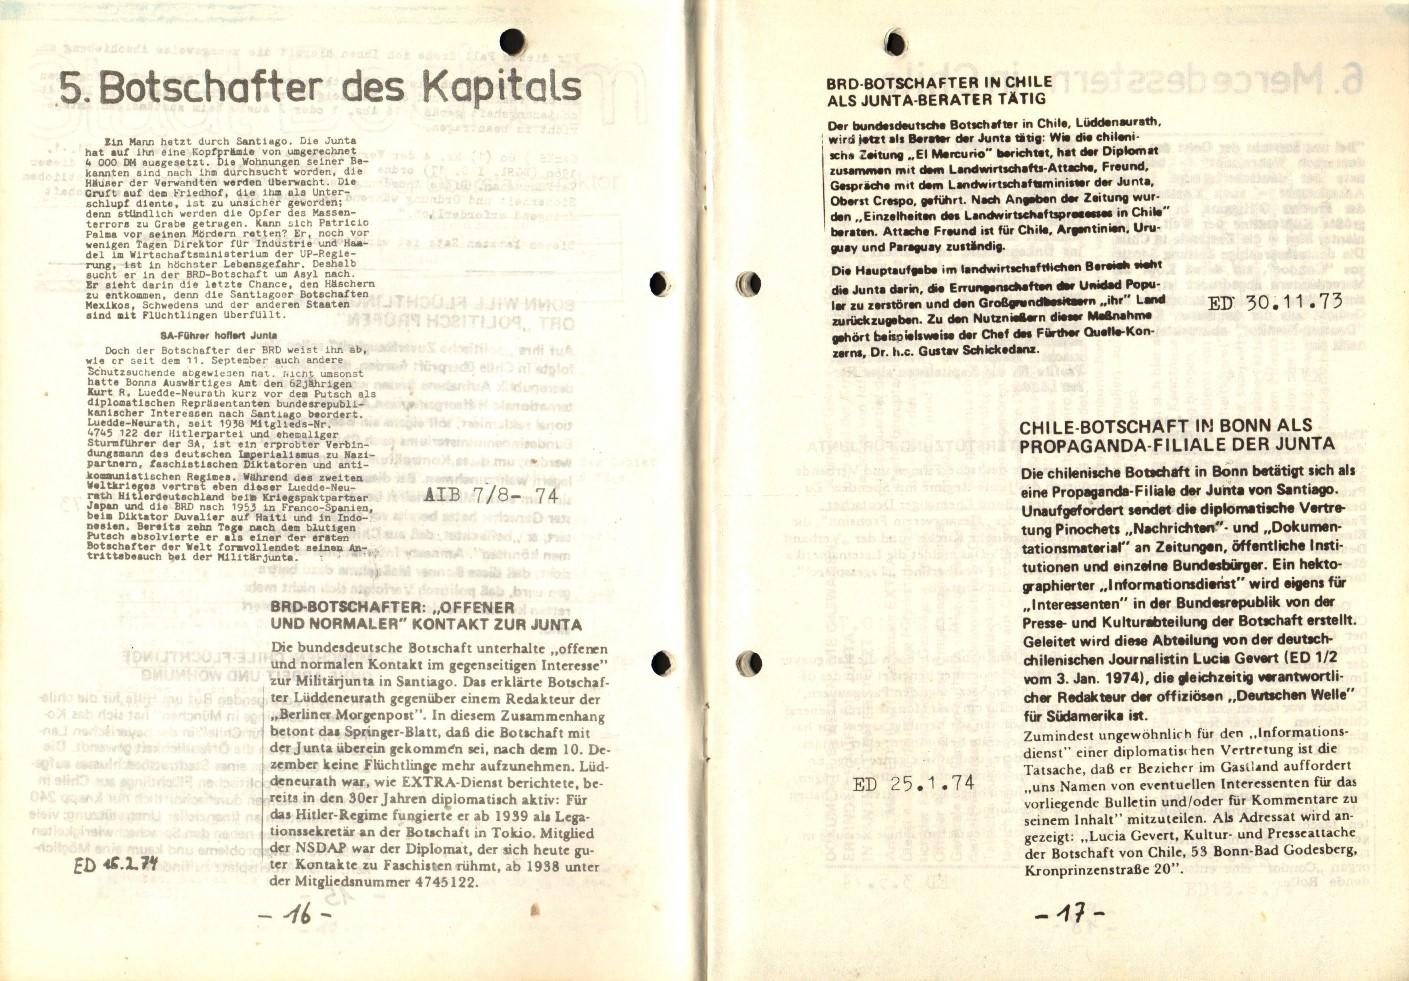 Duisburg_ML_1974_Die_Feinde_des_chilenischen_Volkes_09